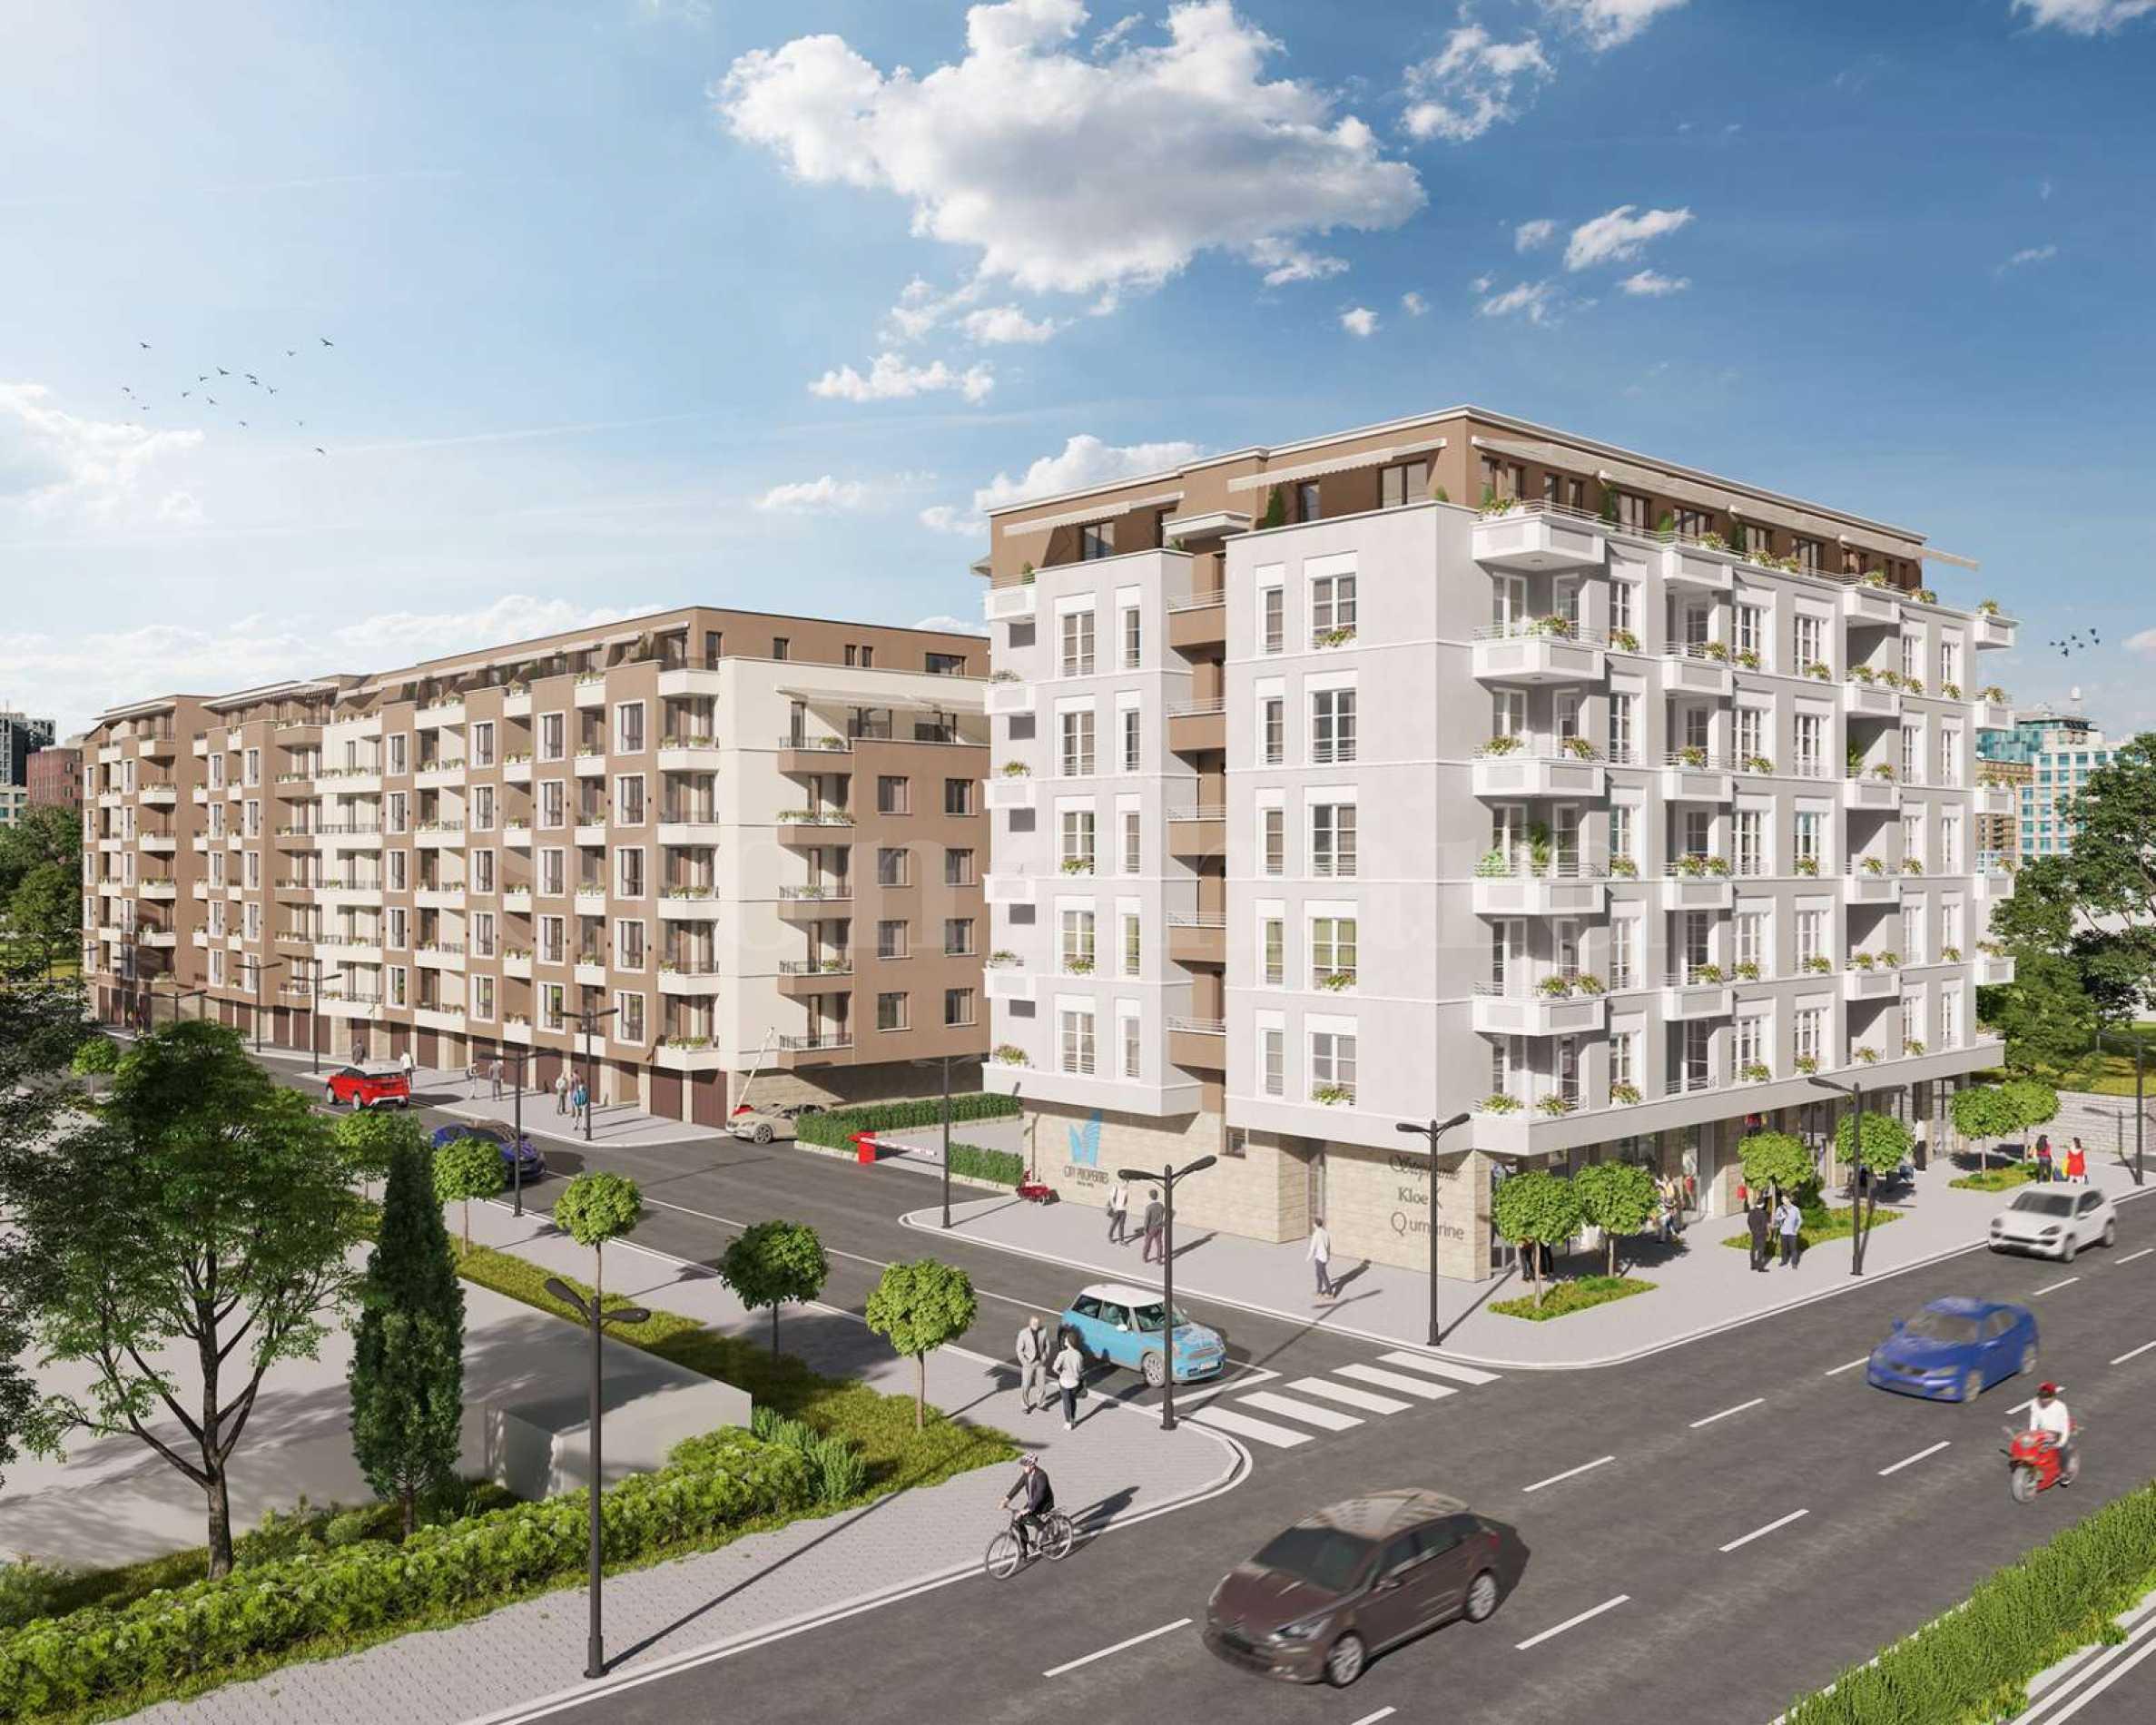 Жилищен комплекс с просторни апартаменти в комуникативен район 1 - Stonehard